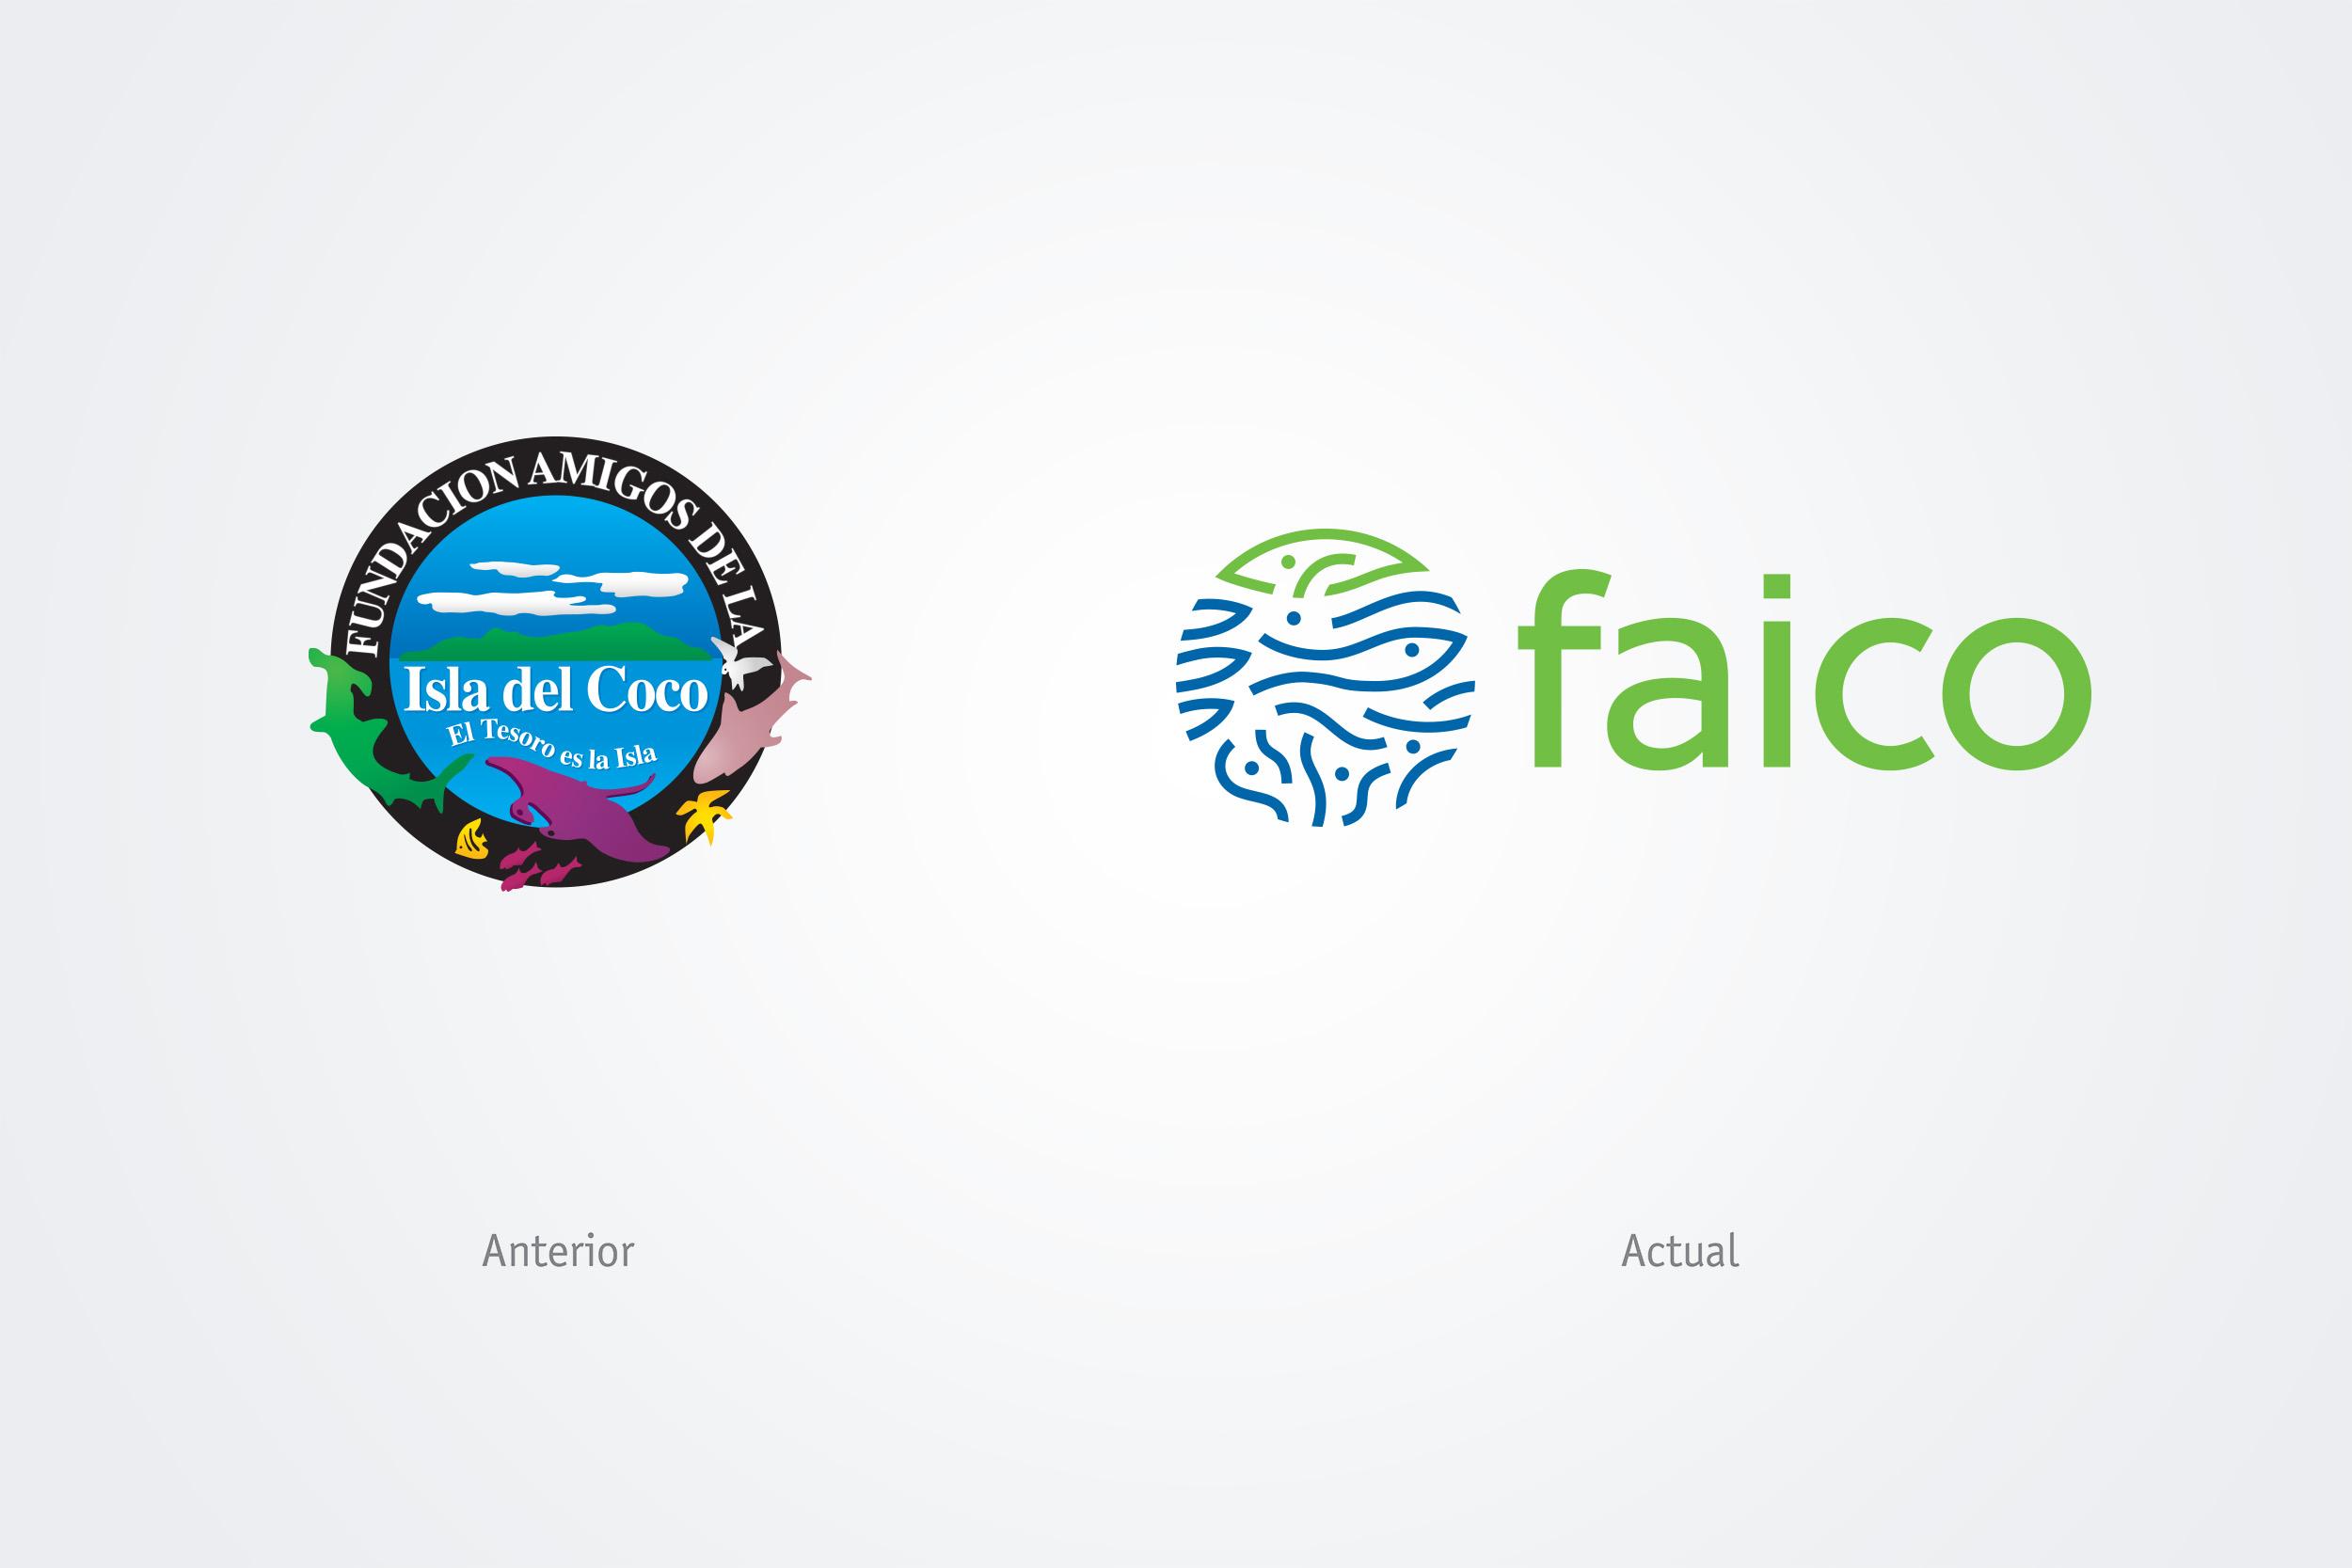 Faico2.jpg